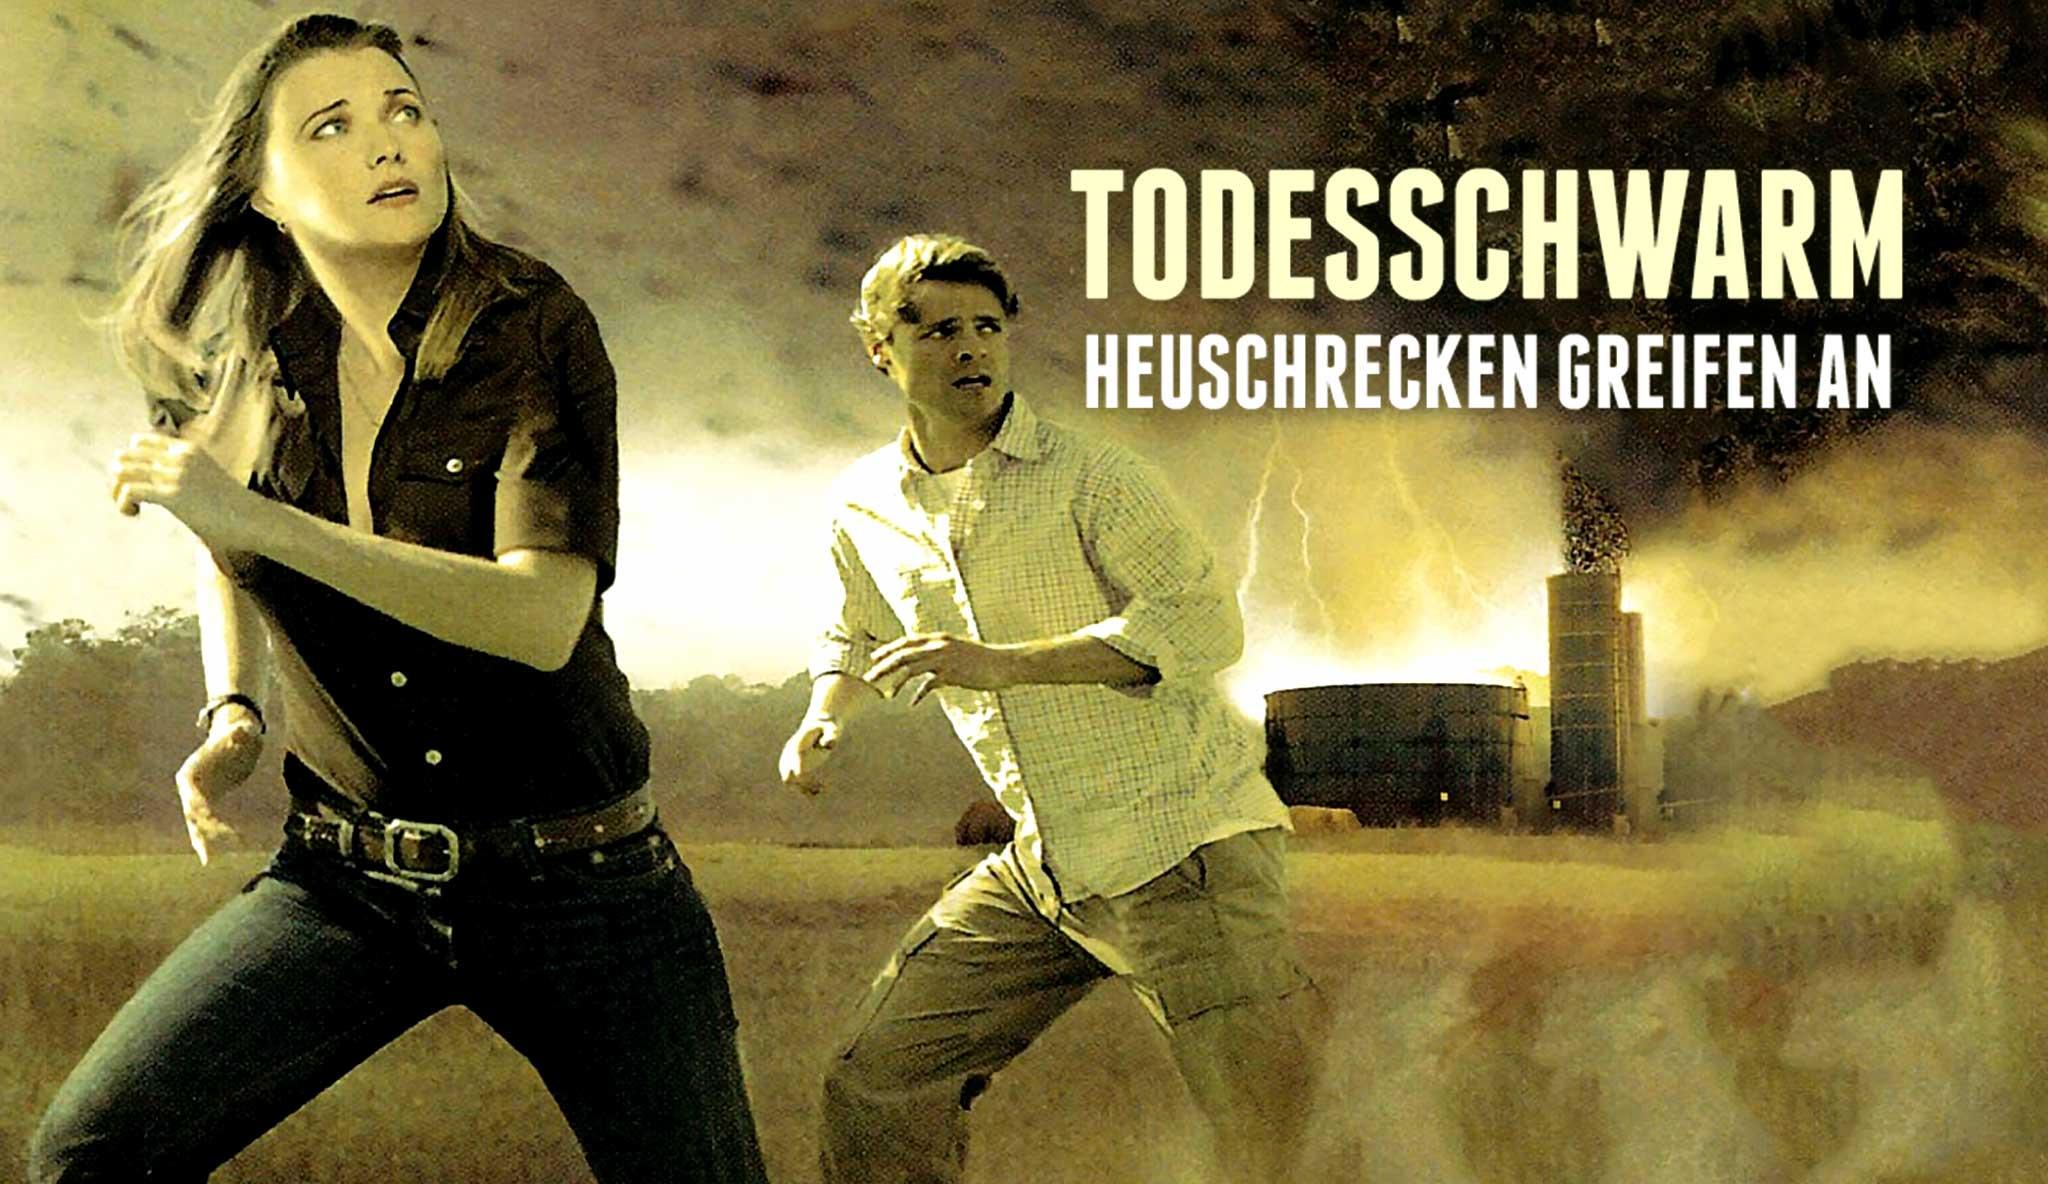 todesschwarm-heuschrecken-greifen-an\header.jpg